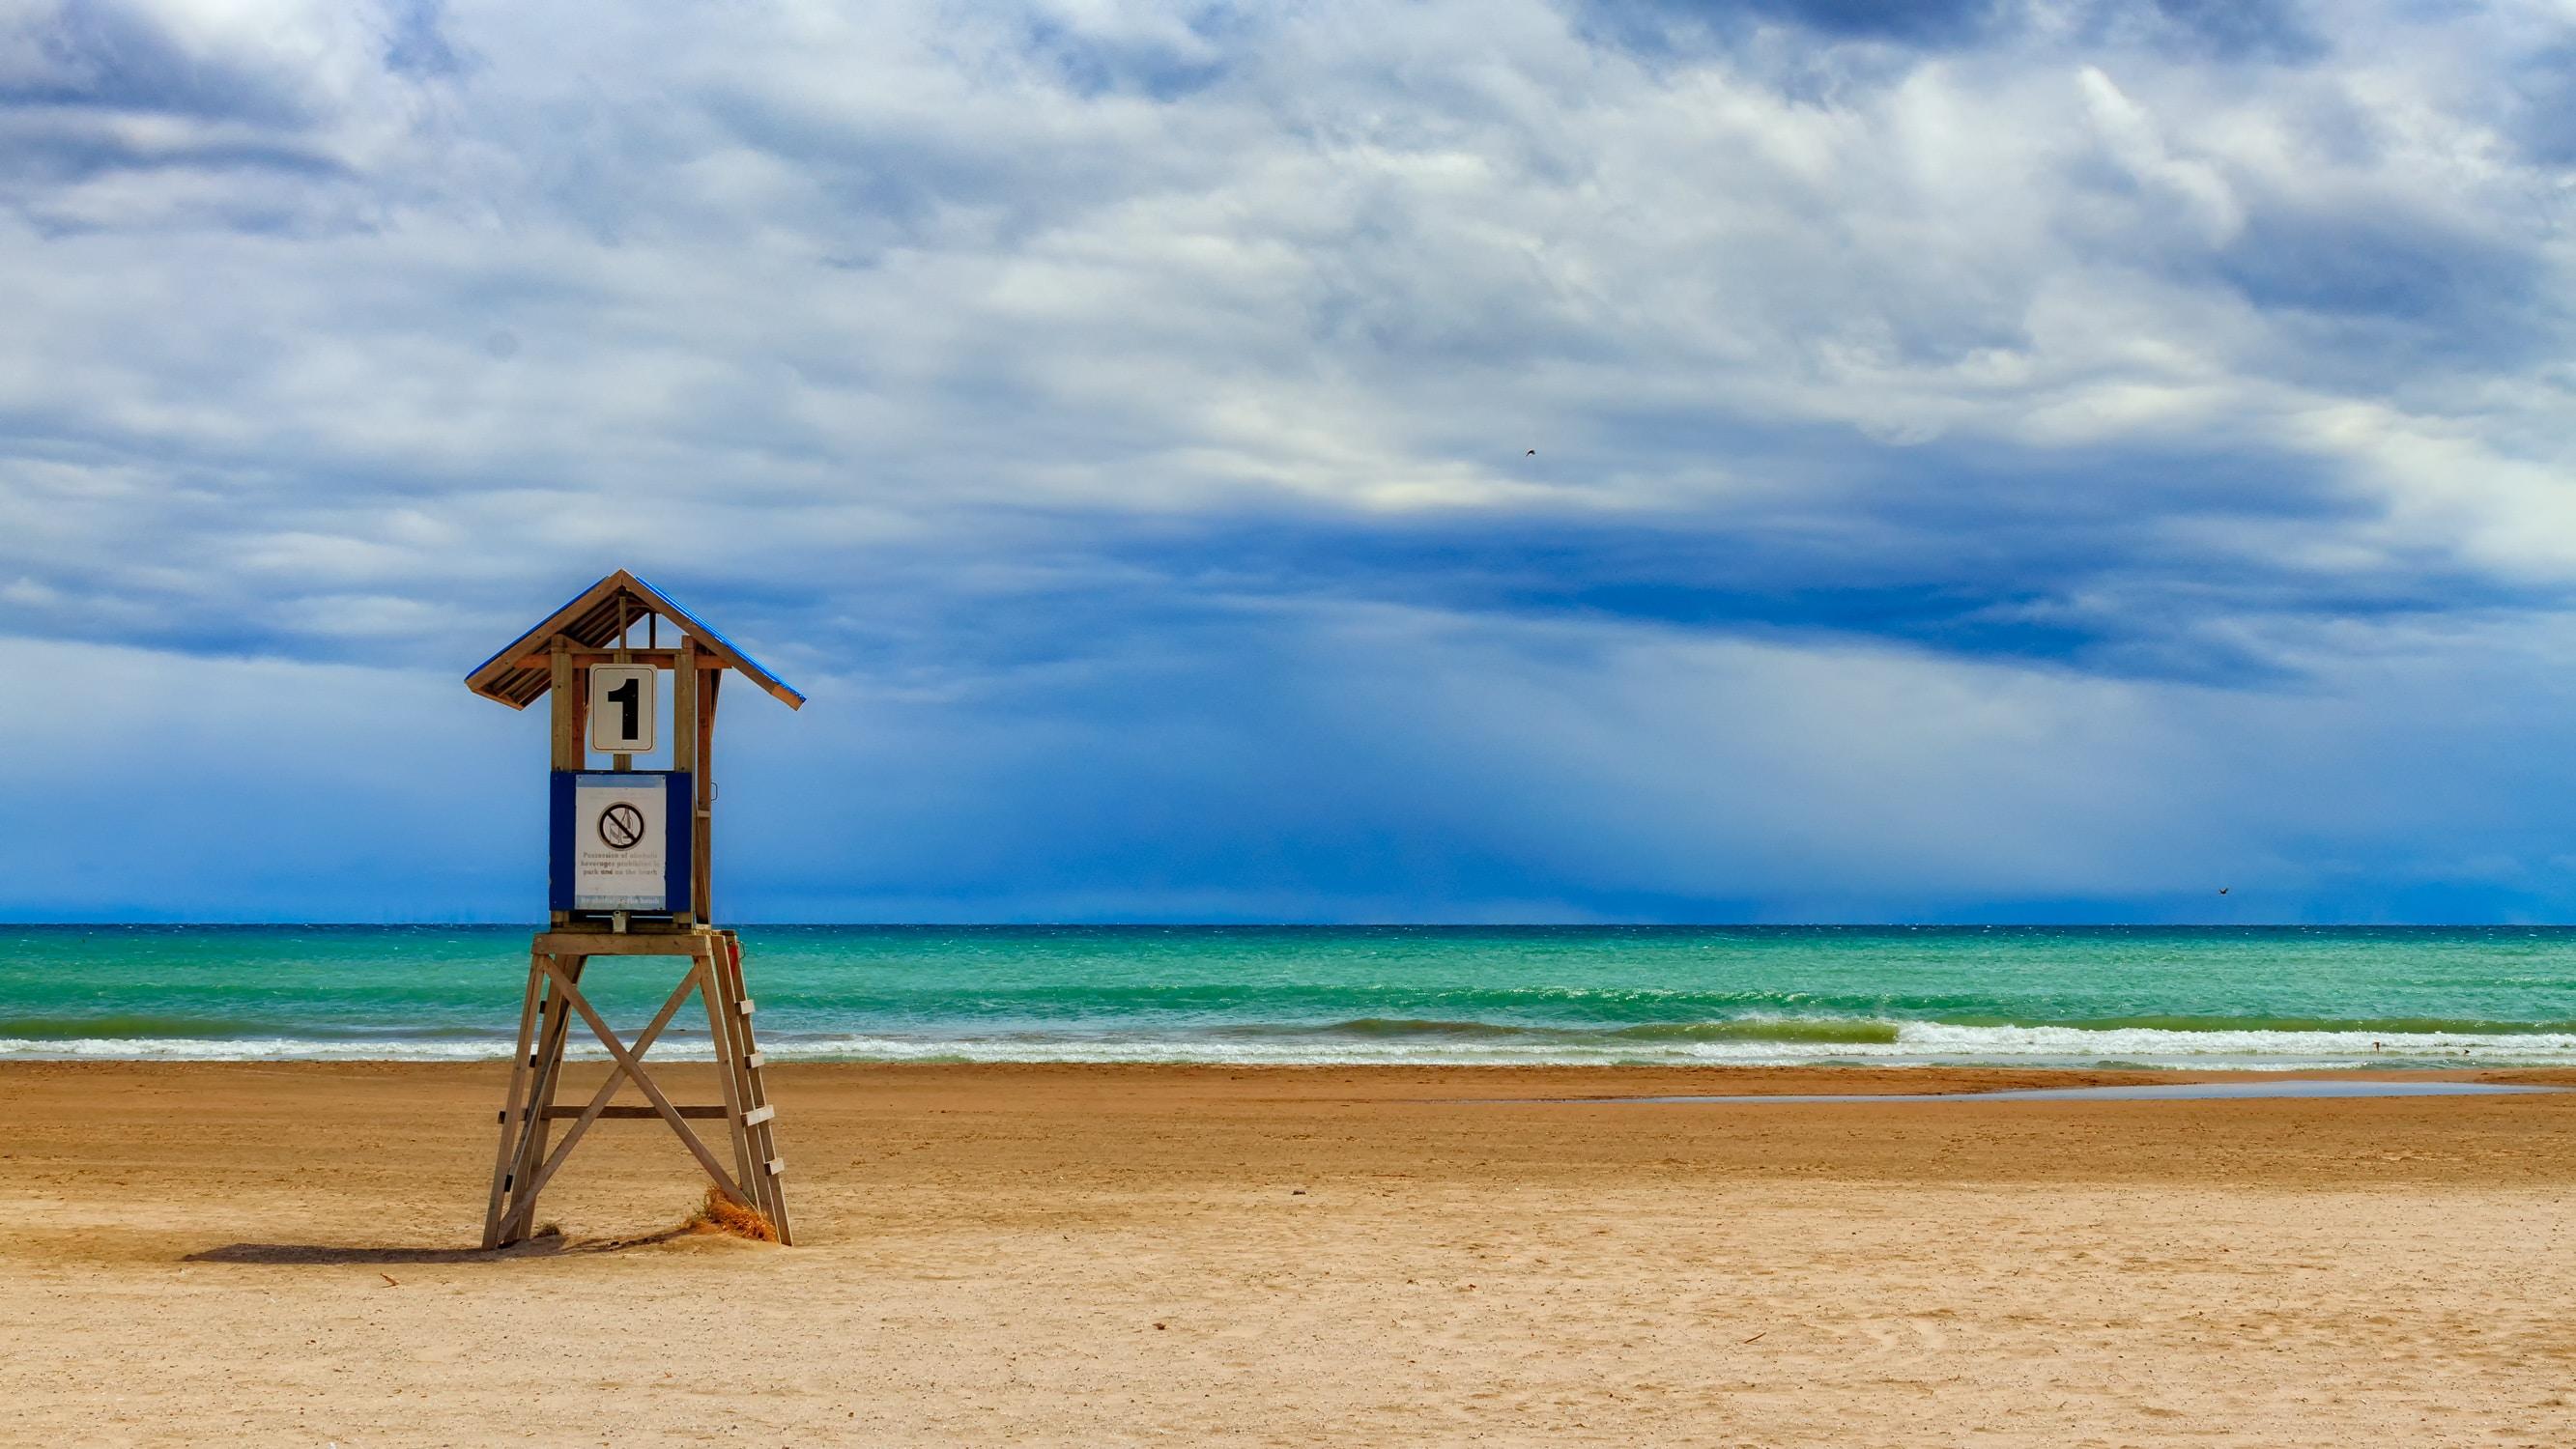 A lifeguard stand on a deserted beach along a green ocean under a blue sky